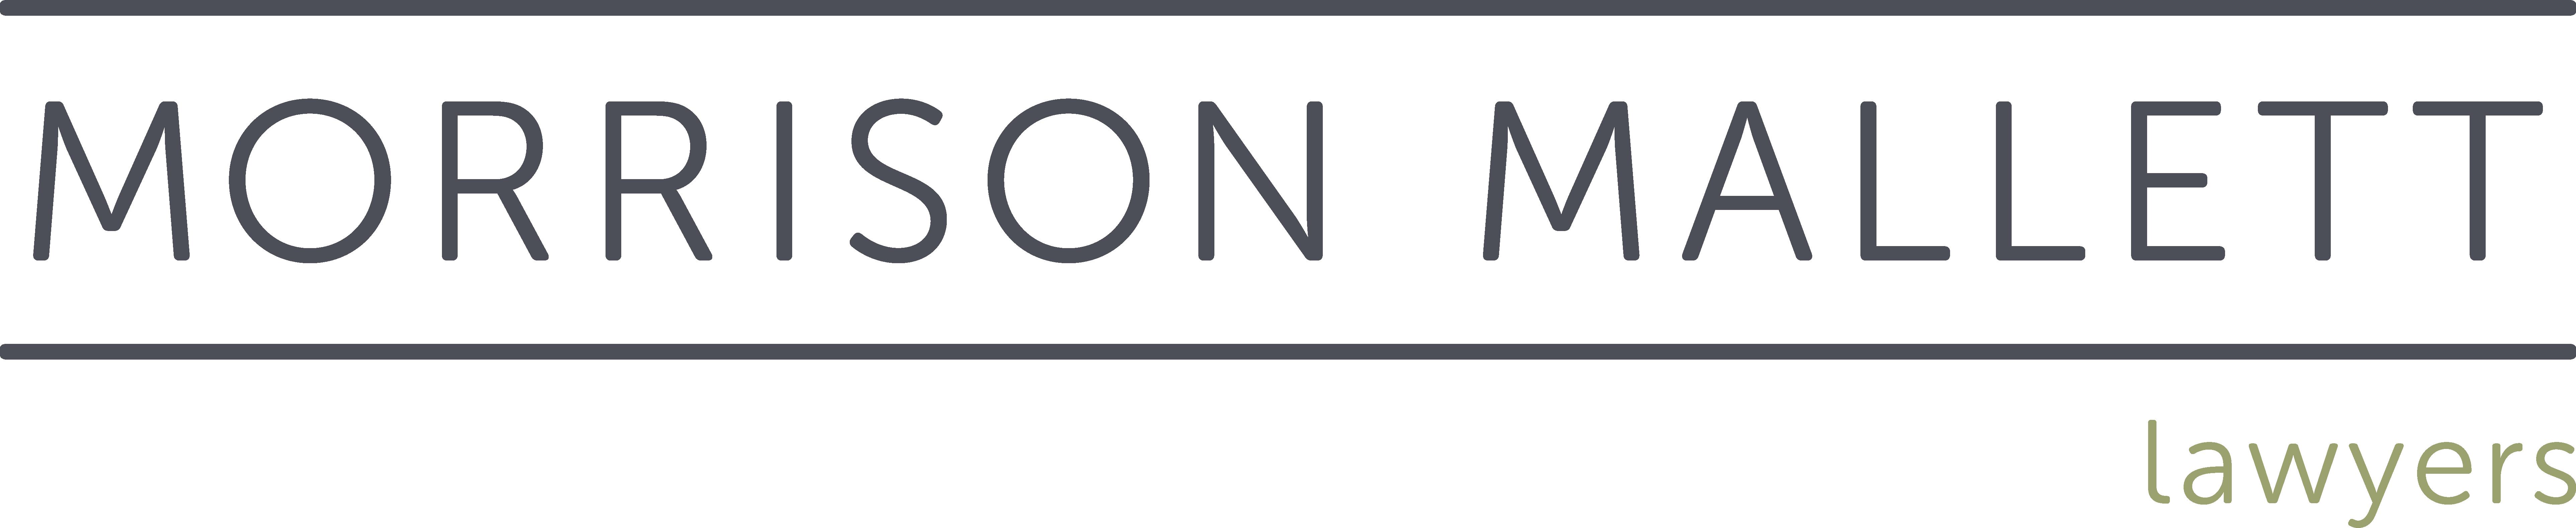 Morrison Mallett